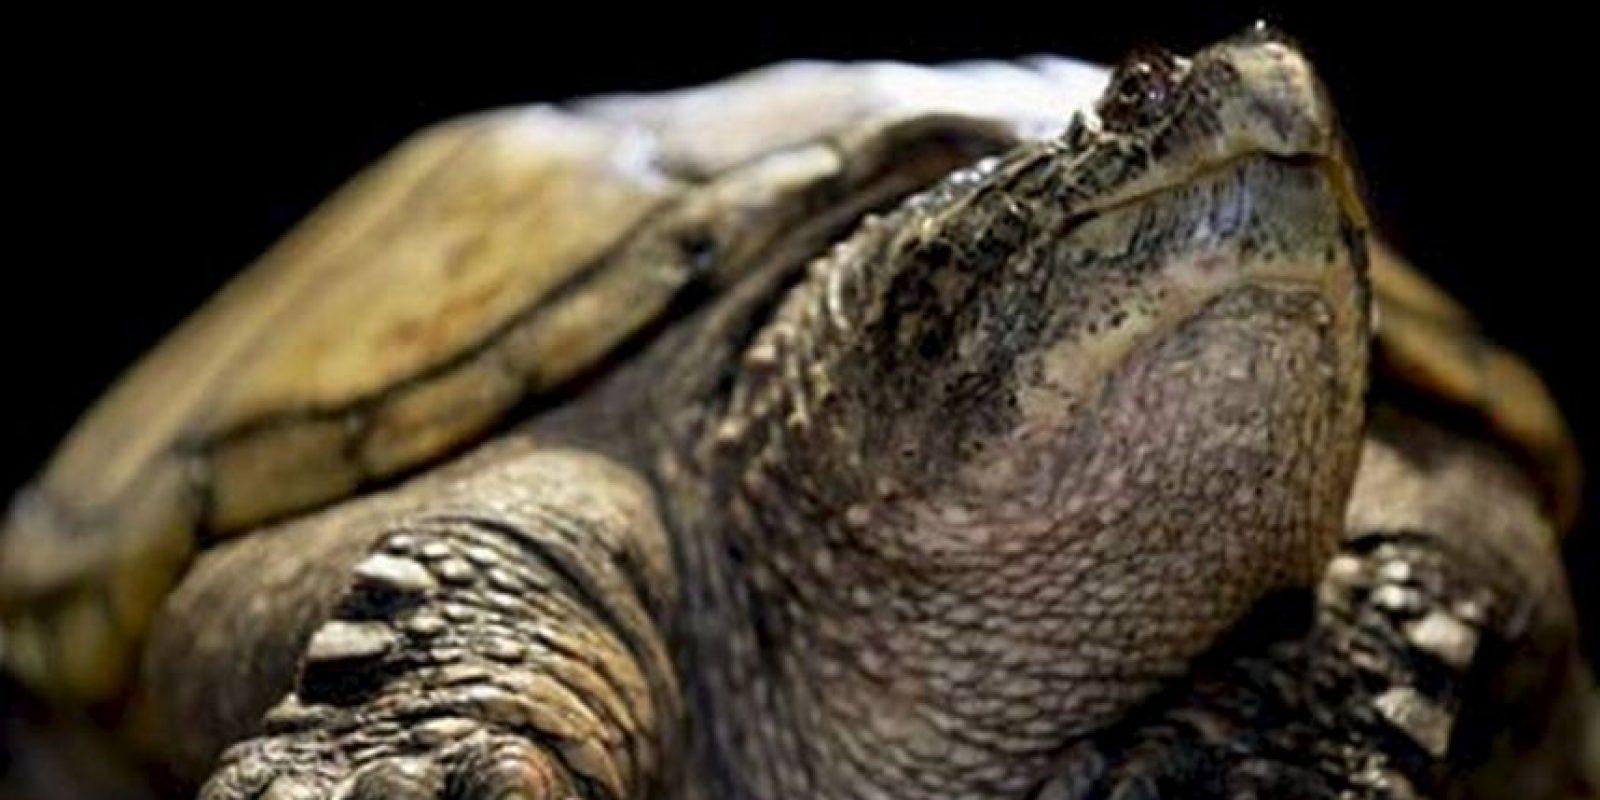 El escritor griego Esquilo fue aplastado por una tortuga que cayó del cielo. Le profetizaron que moriría al caerle una casa encima. Foto:Getty Images